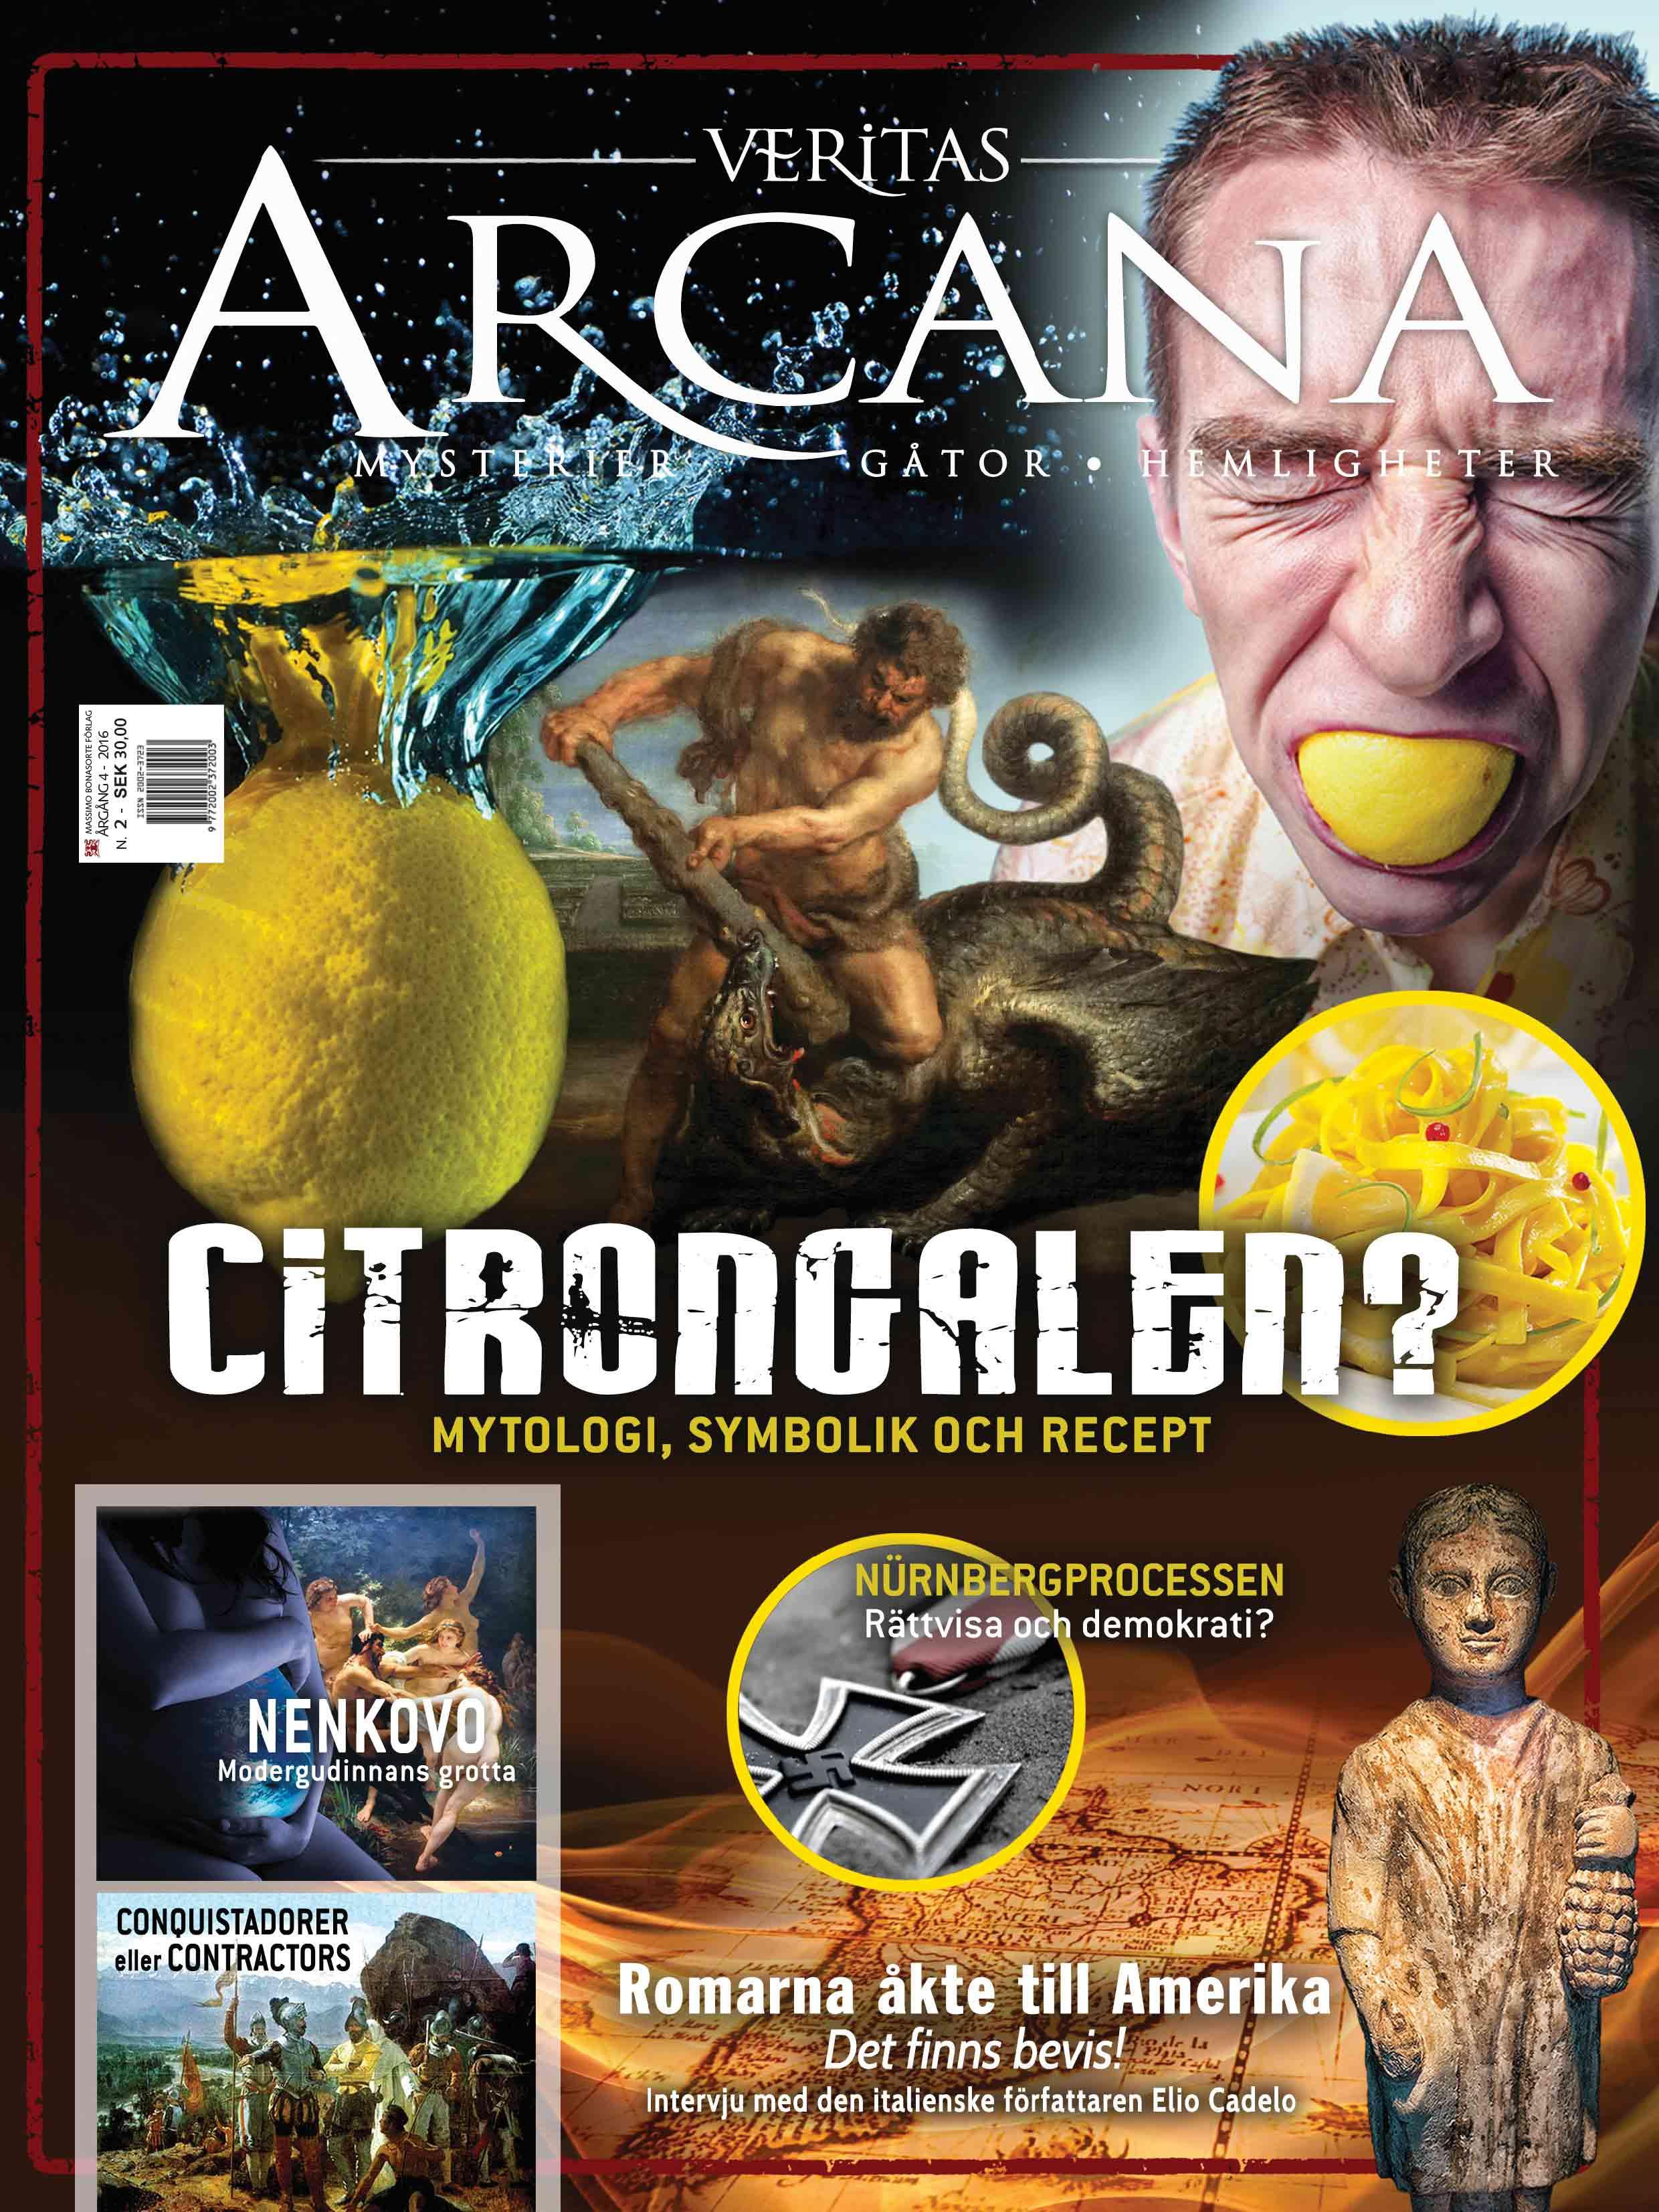 01-cover_veritas-arcana-2_2016